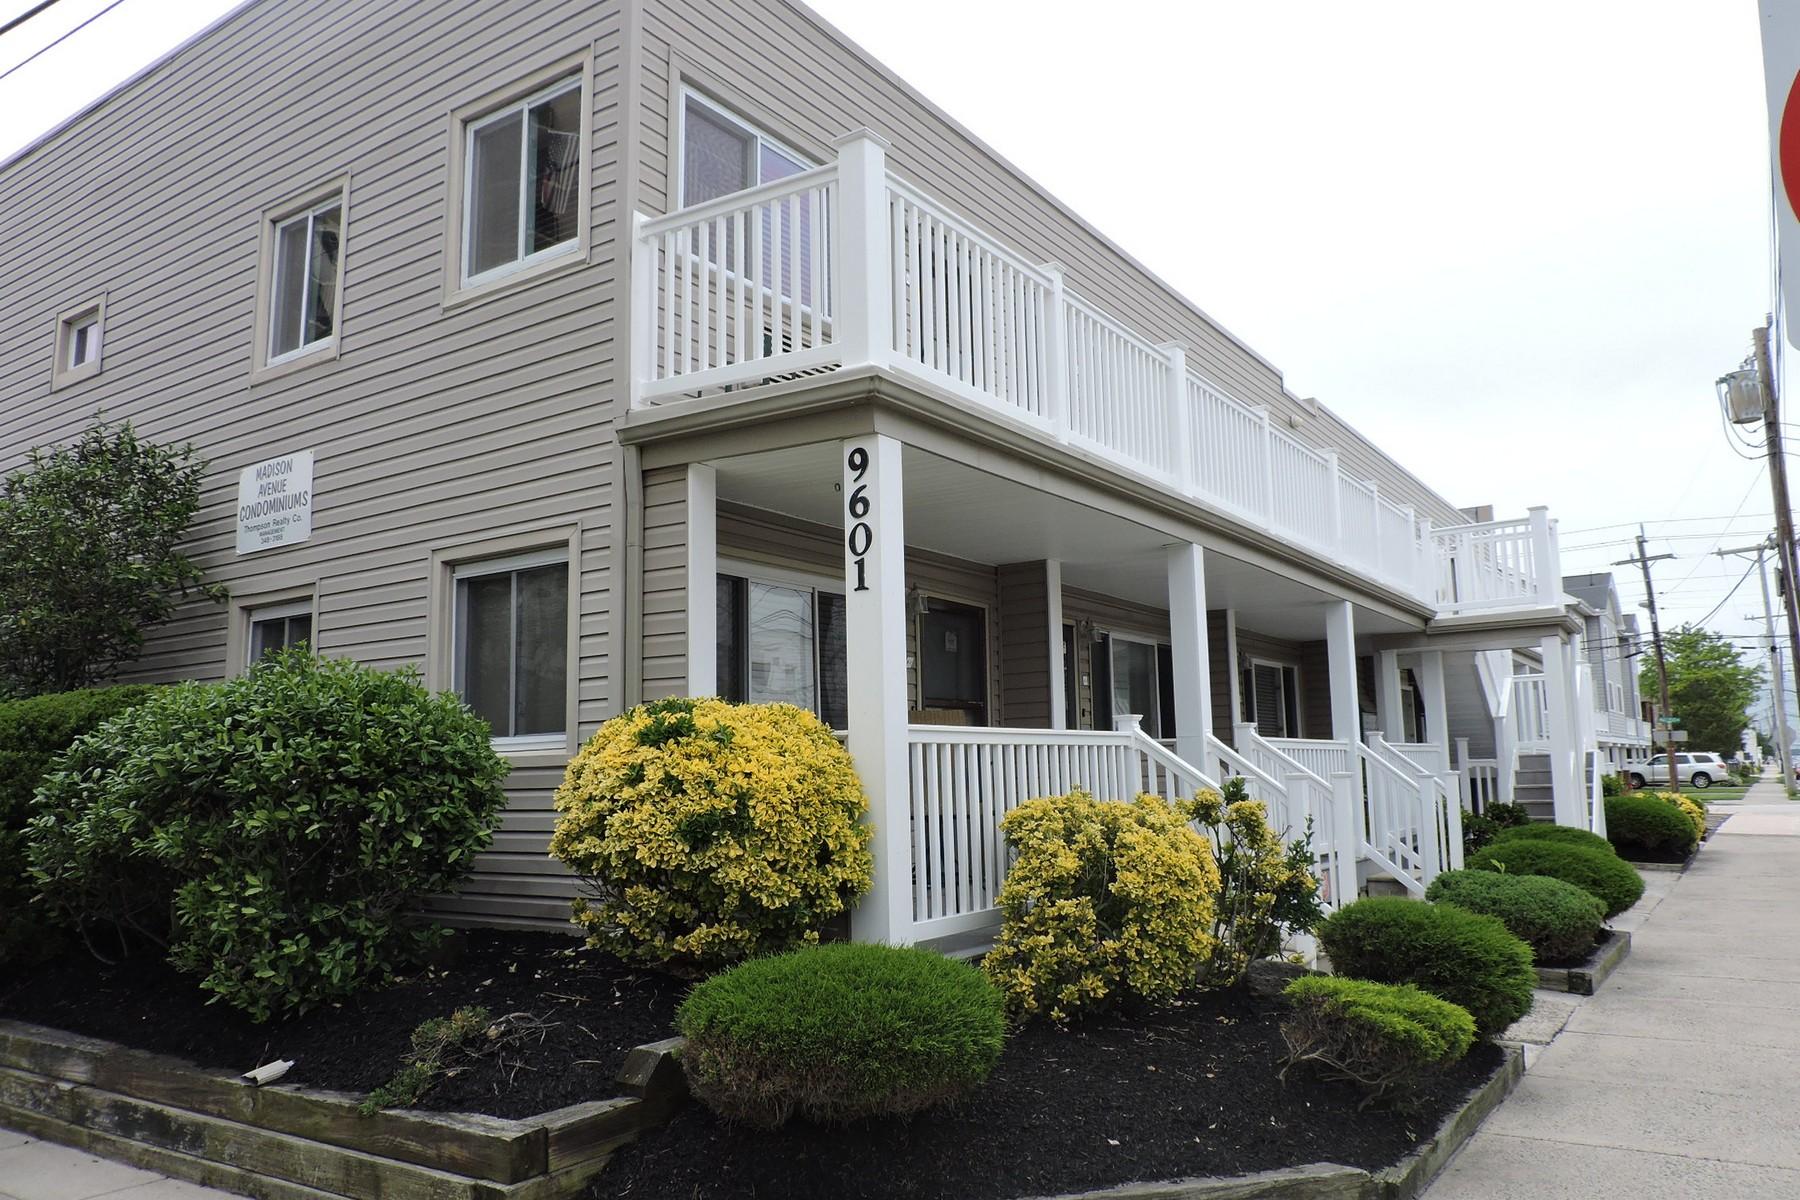 Appartement en copropriété pour l à louer à 9601 Atlantic Avenue, B-11 9601 Atlantic Avenue, B-11 9601 Atlantic Avenue B-11 Madison Avenue Condos Margate, New Jersey 08402 États-Unis